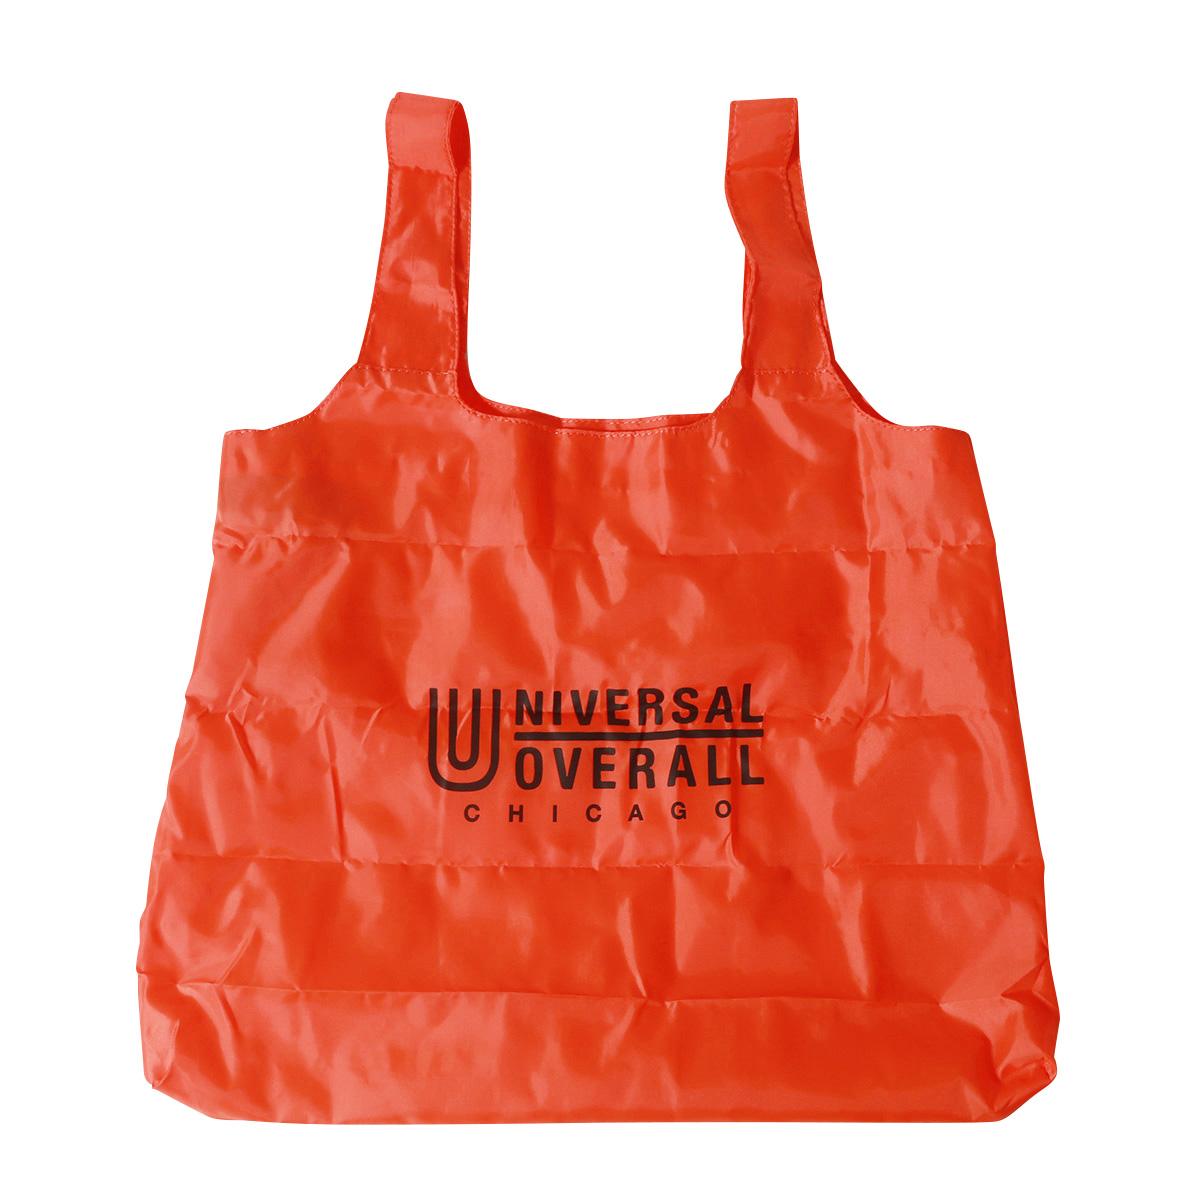 UNIVERSAL OVERALL カラビナ付き・エコバッグ・ユニバーサルオーバーオール アメカジ